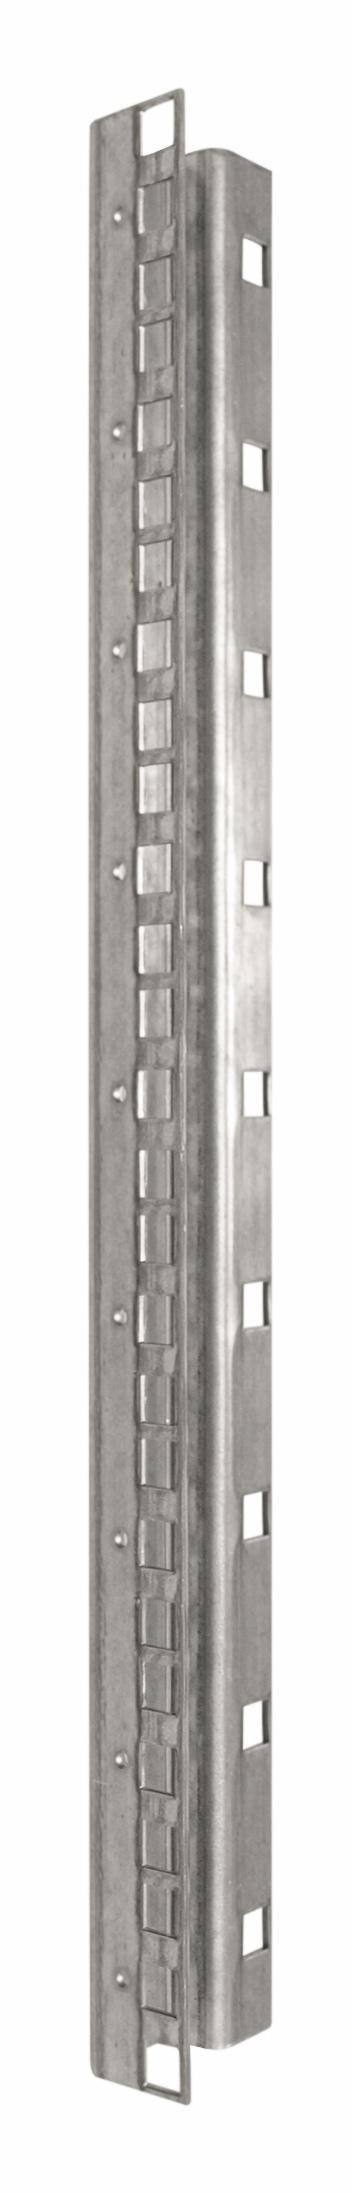 1 Stk 19 Profilschiene 42HE für DS-, DSZ- und DSI-Schränke DSPROF42--